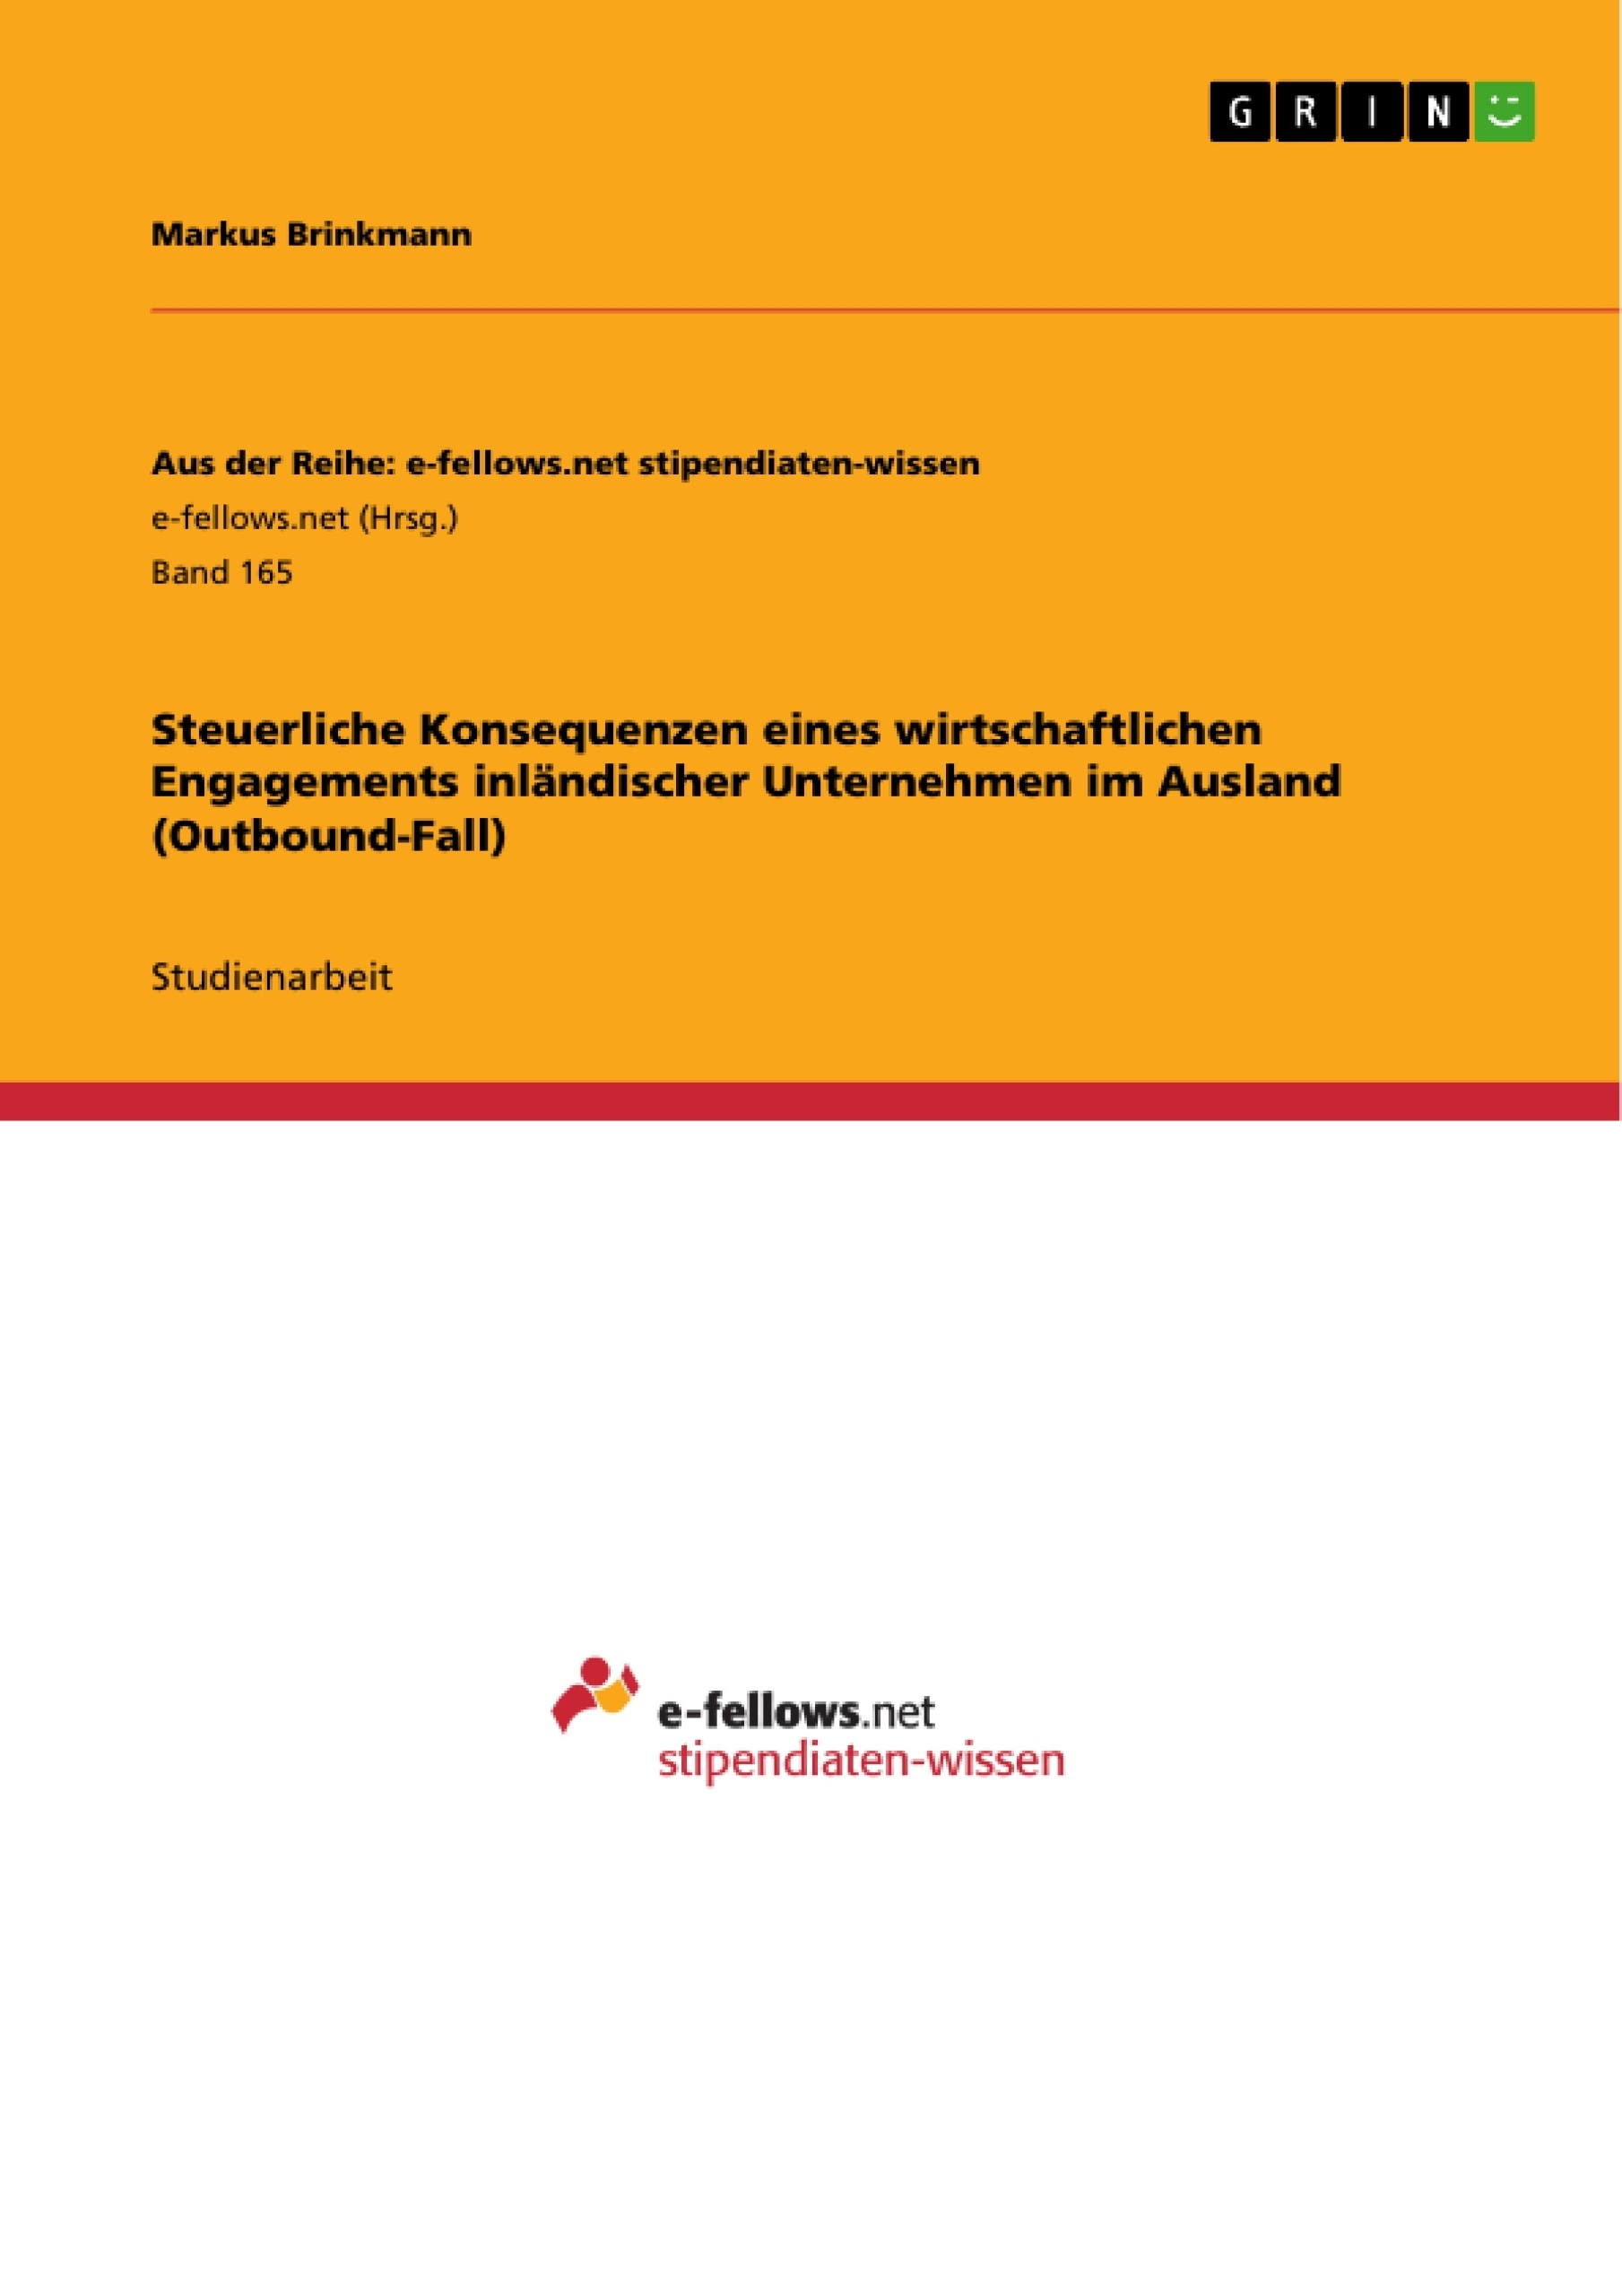 Titel: Steuerliche Konsequenzen eines wirtschaftlichen Engagements inländischer Unternehmen im Ausland (Outbound-Fall)